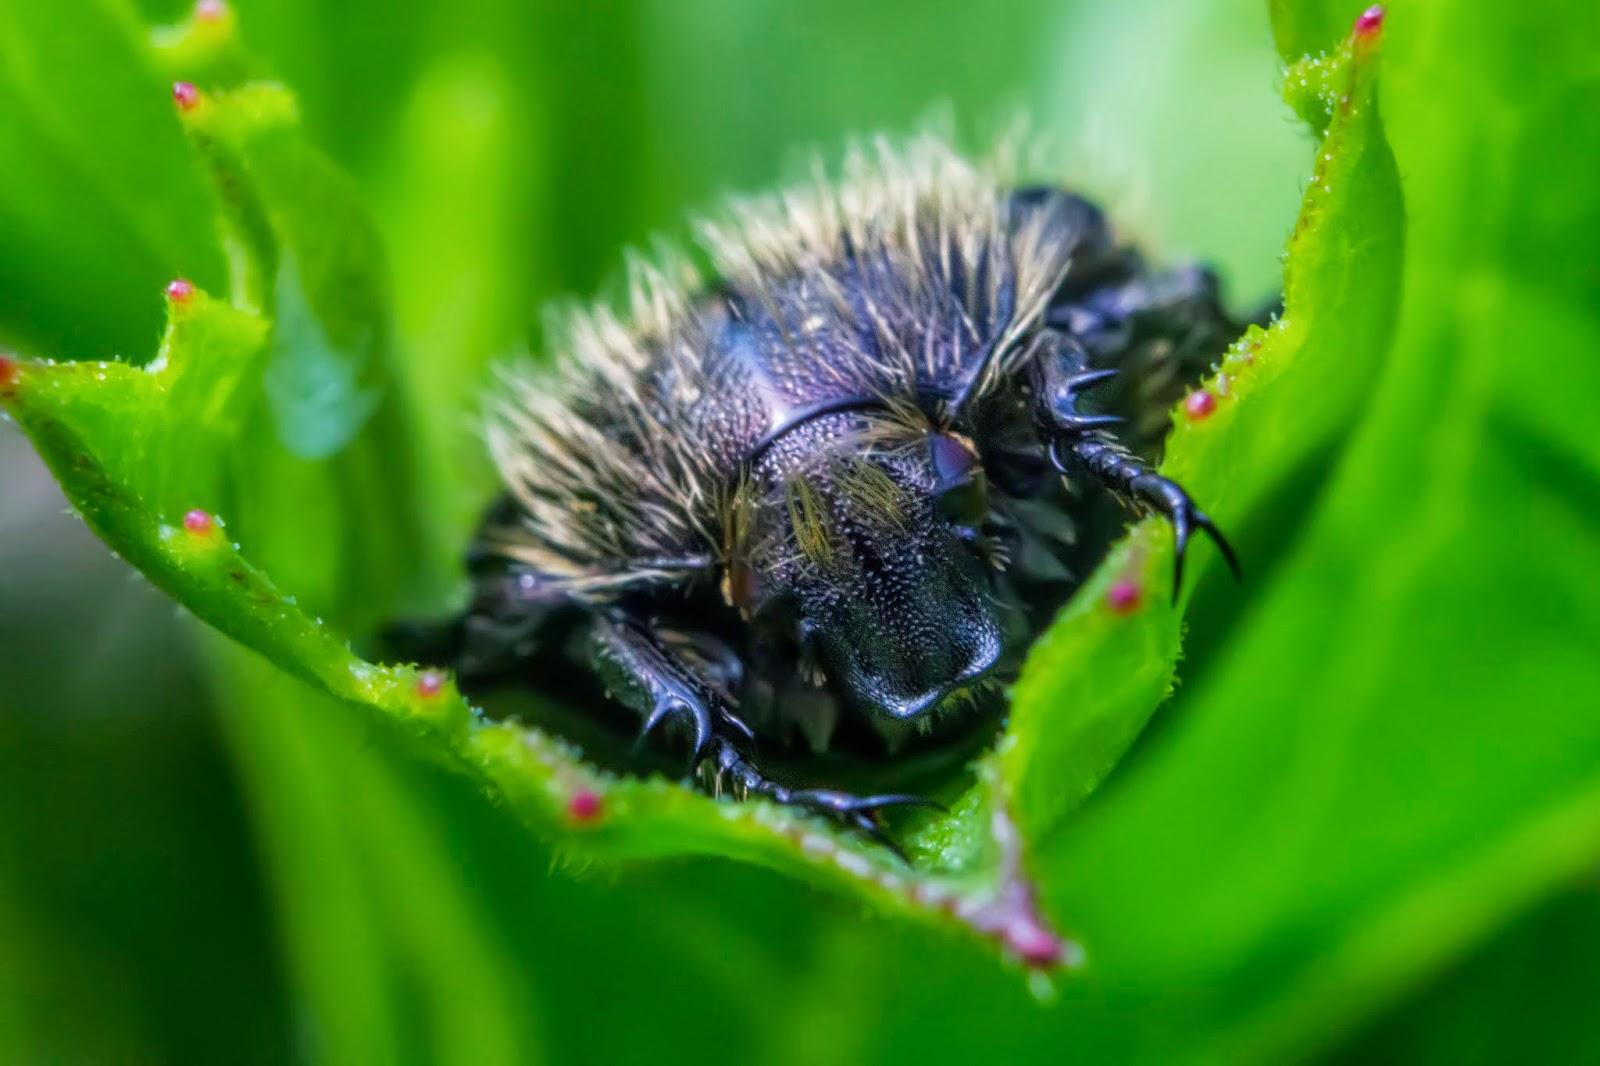 Fotos macro y de aproximación de insectos y naturaleza